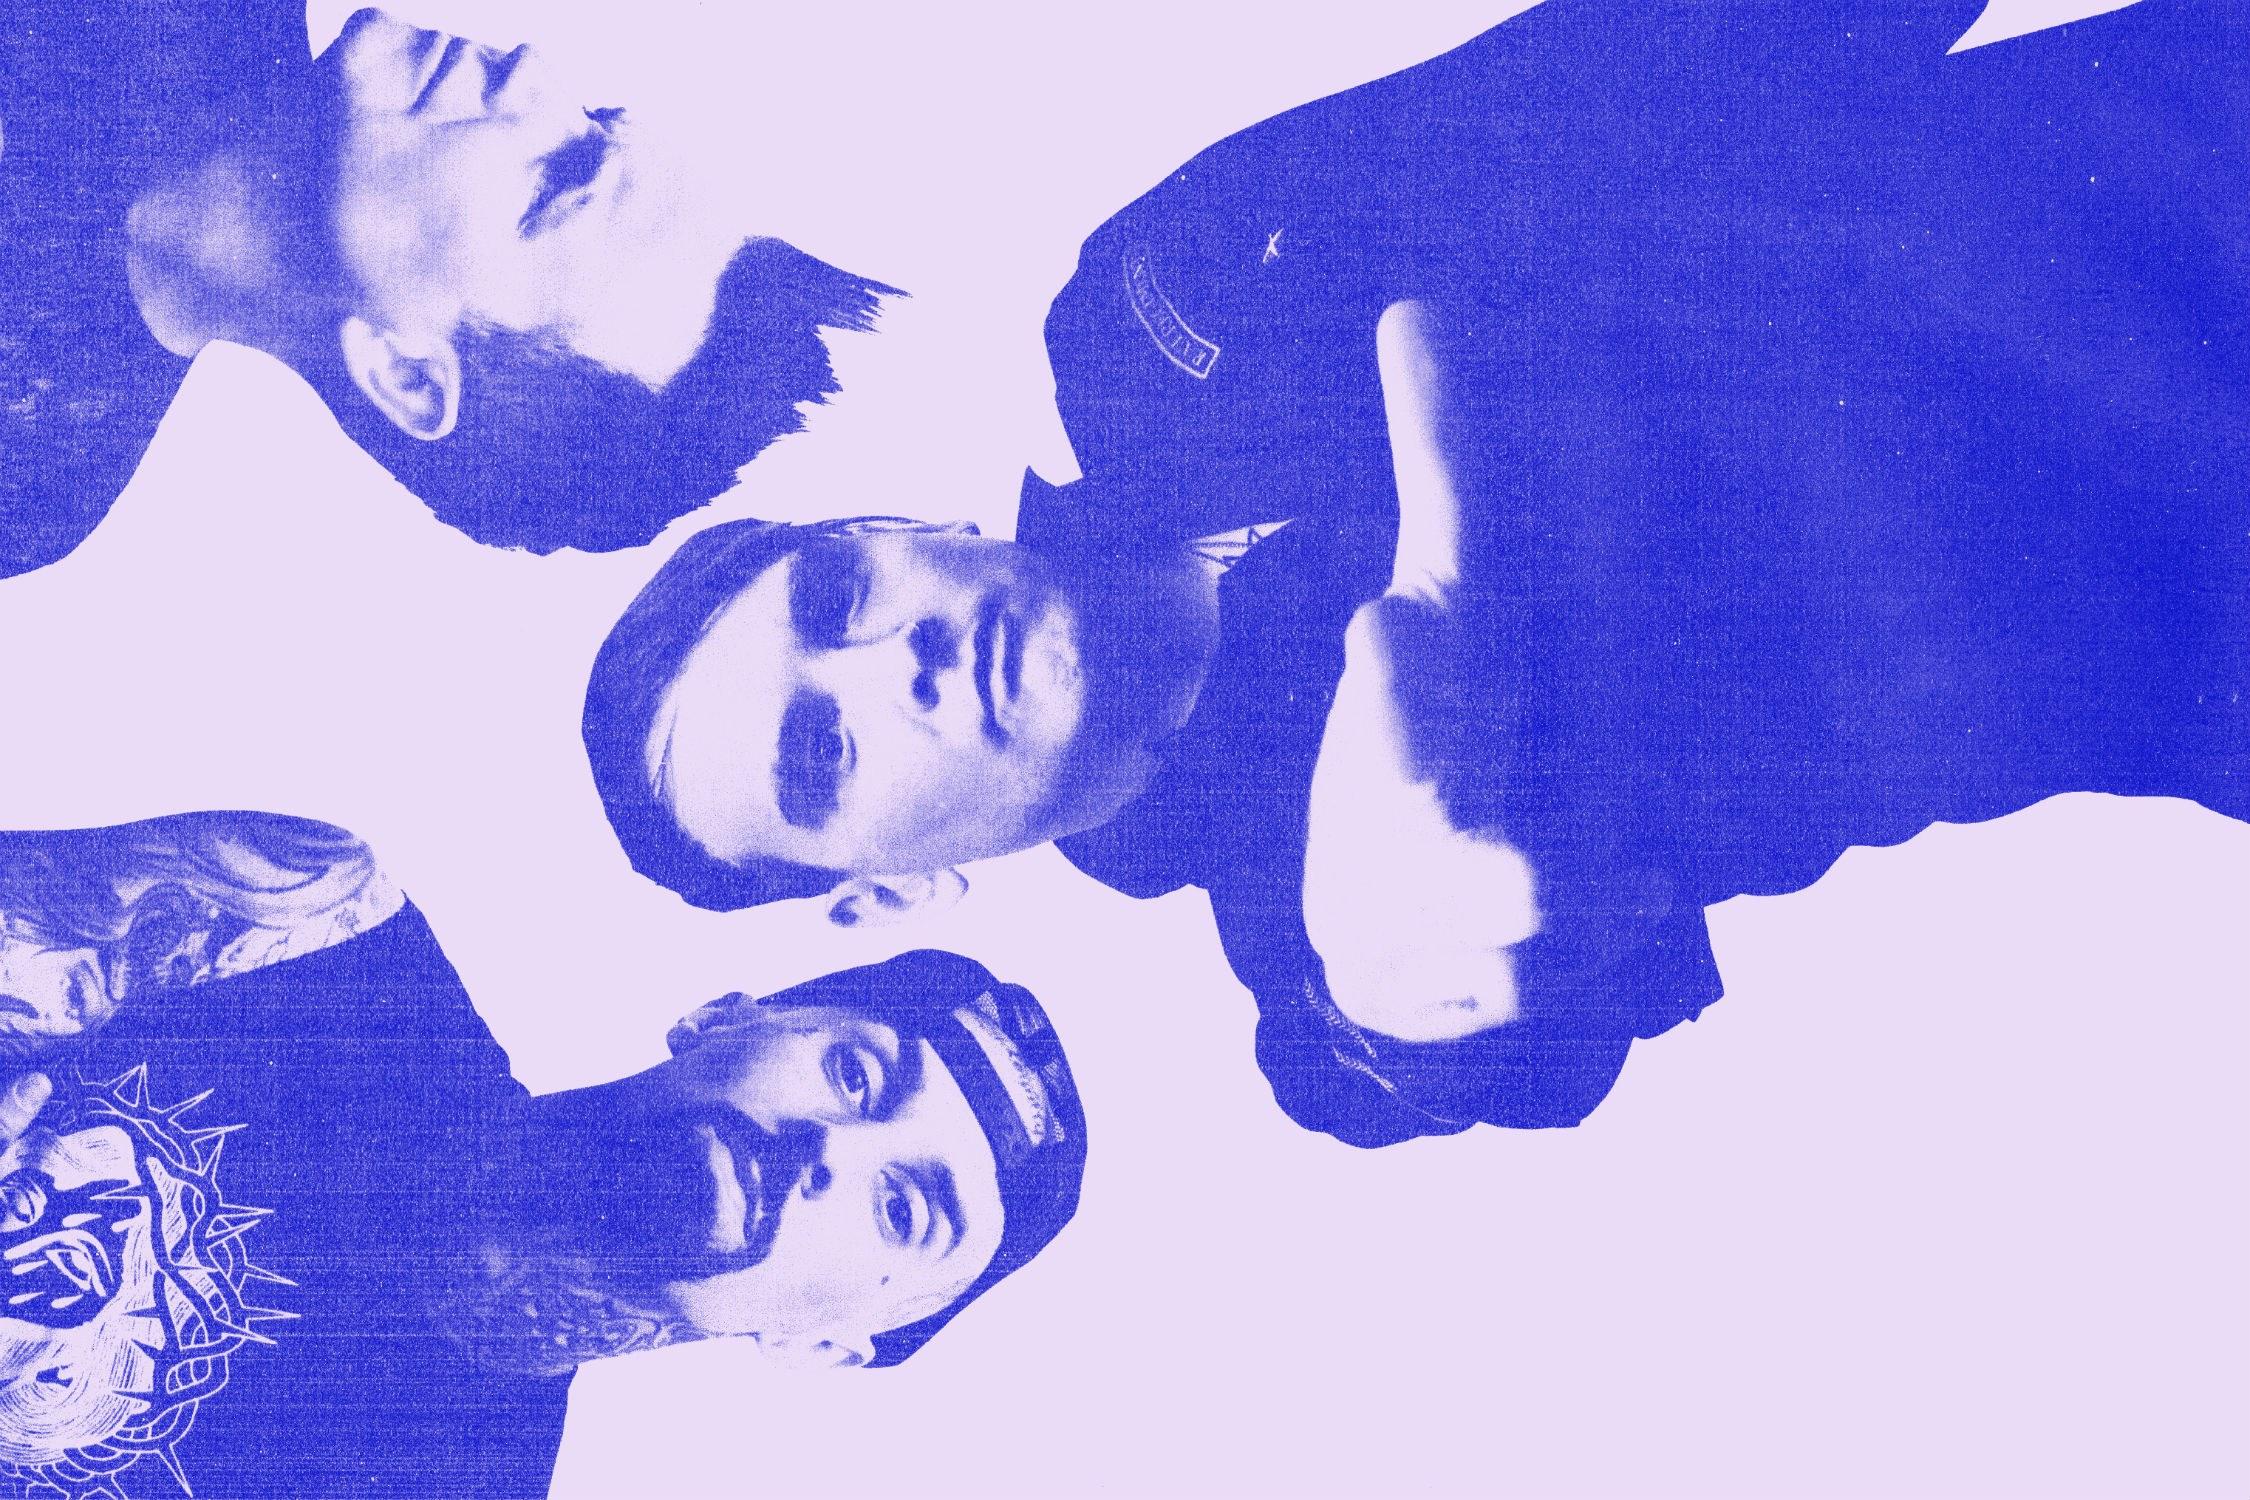 Let's start over: Blink-182